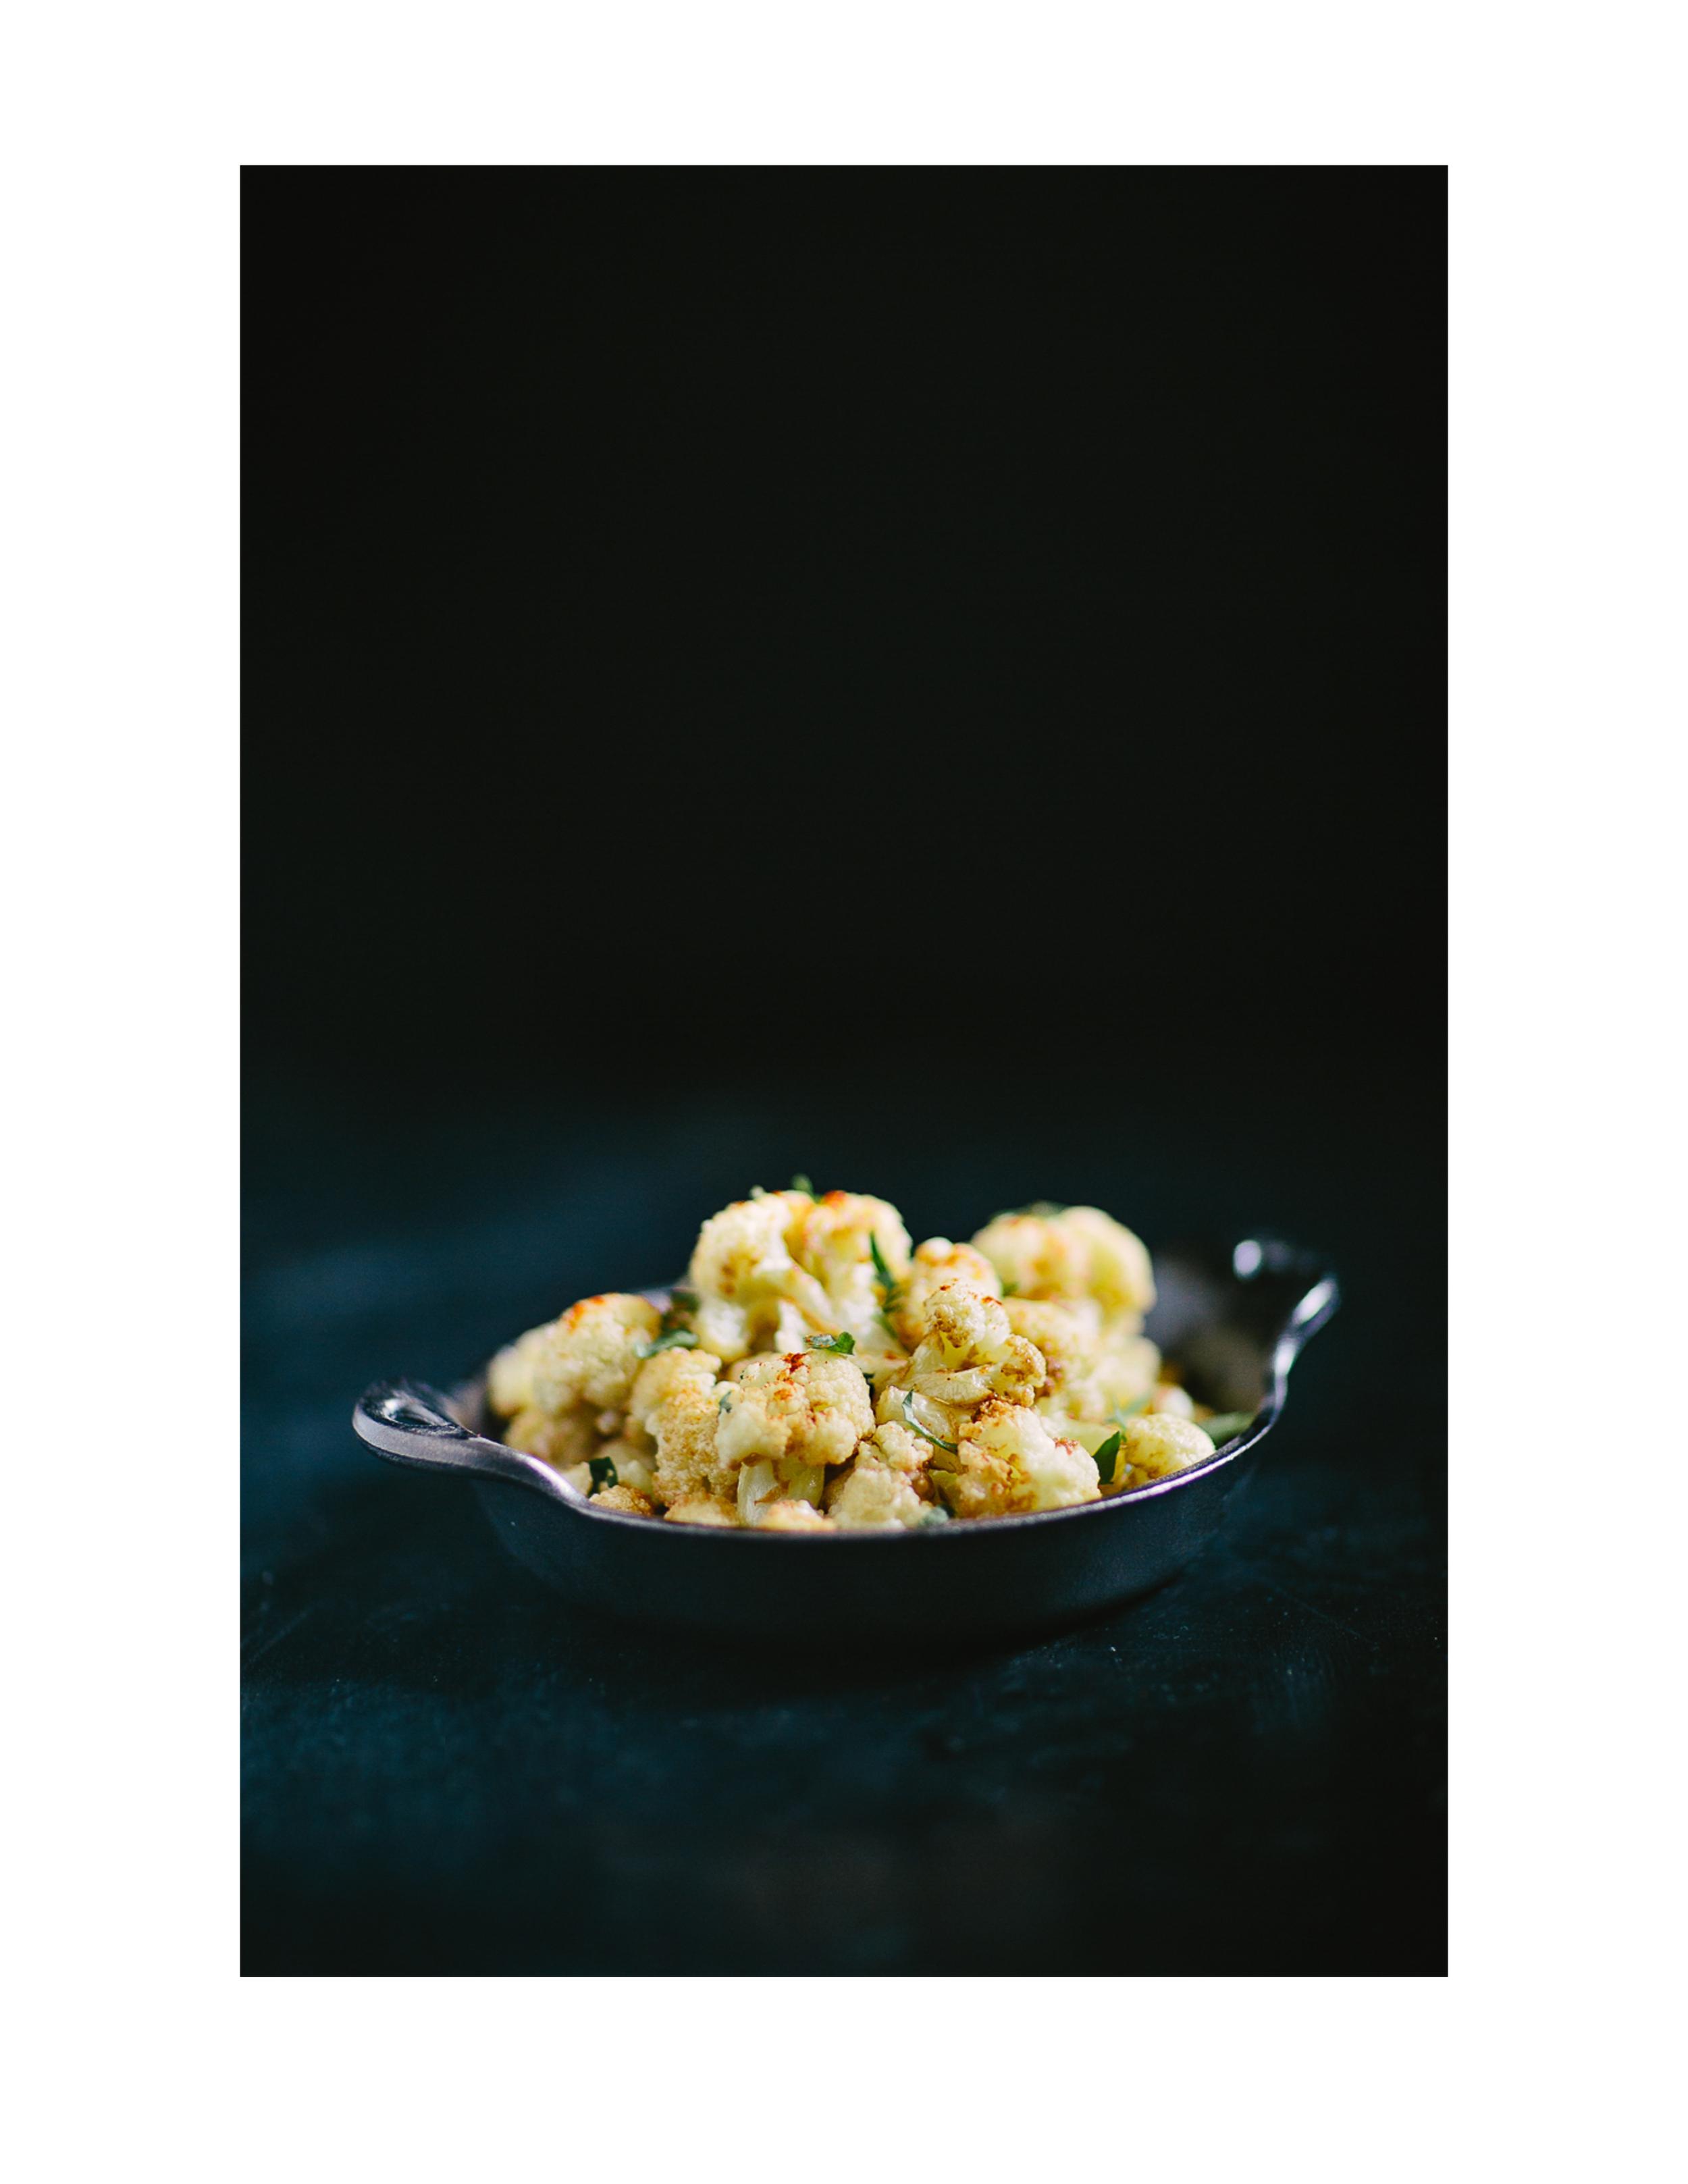 Food-034.jpg